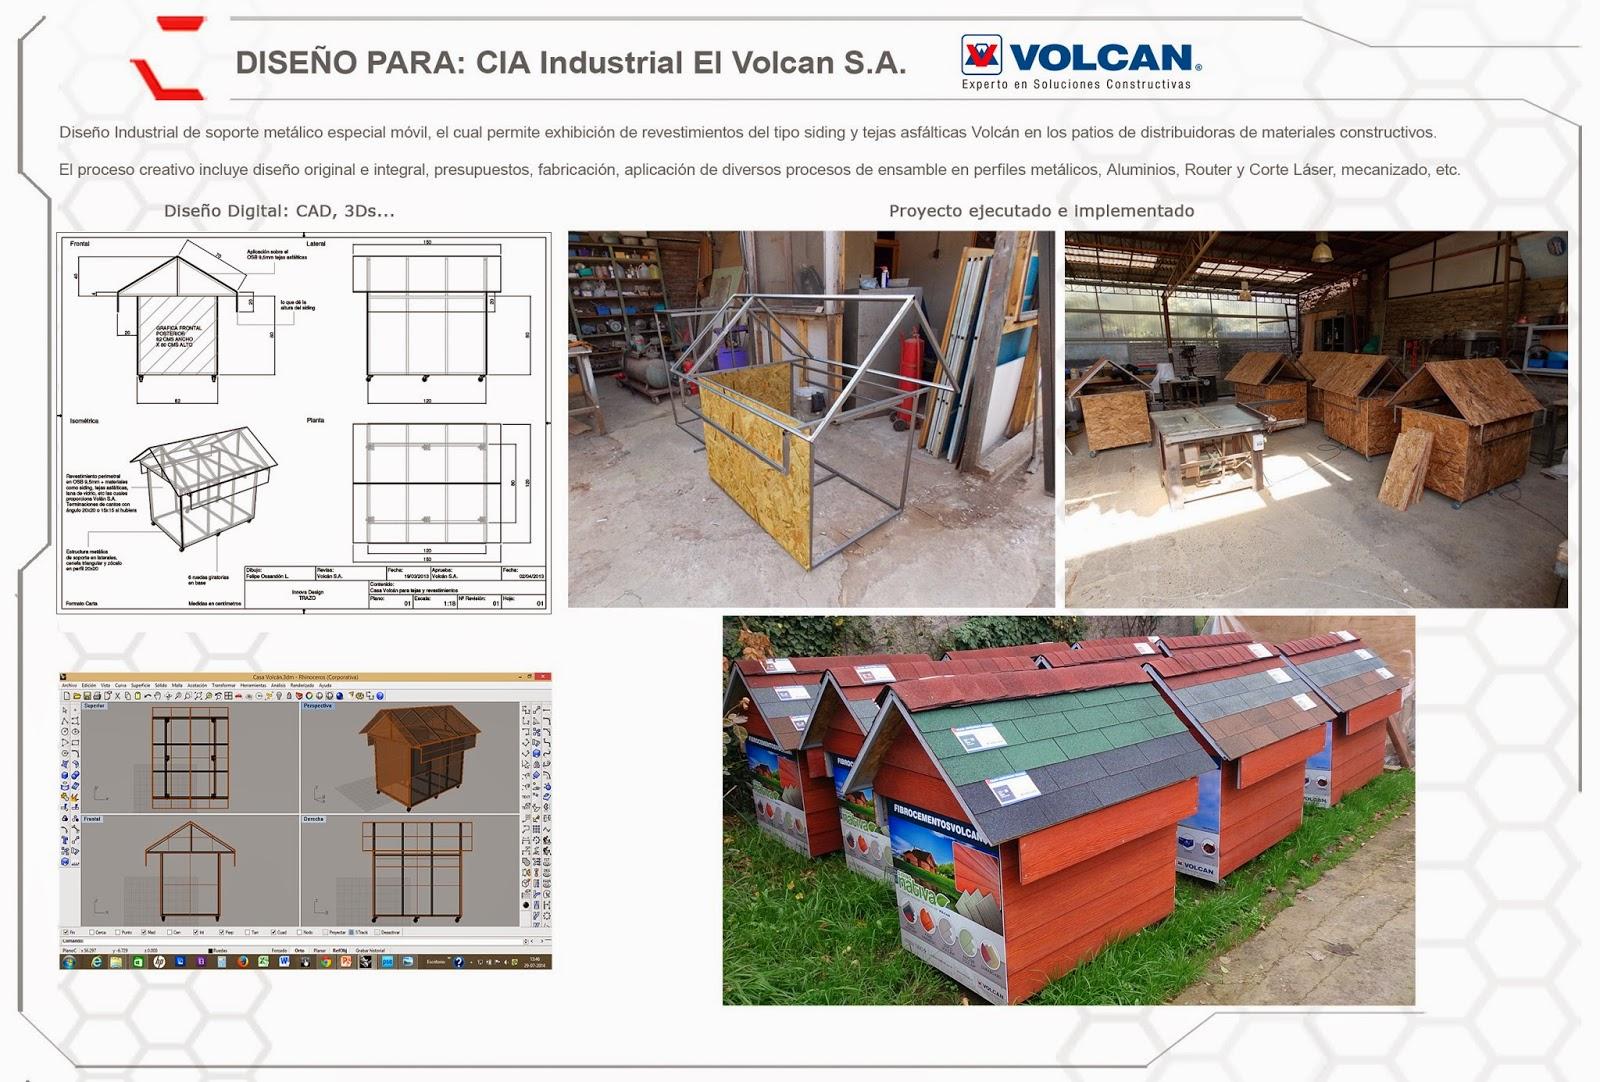 Dise o industrial cad 3d y producci n dise o de for Diseno industrial casas